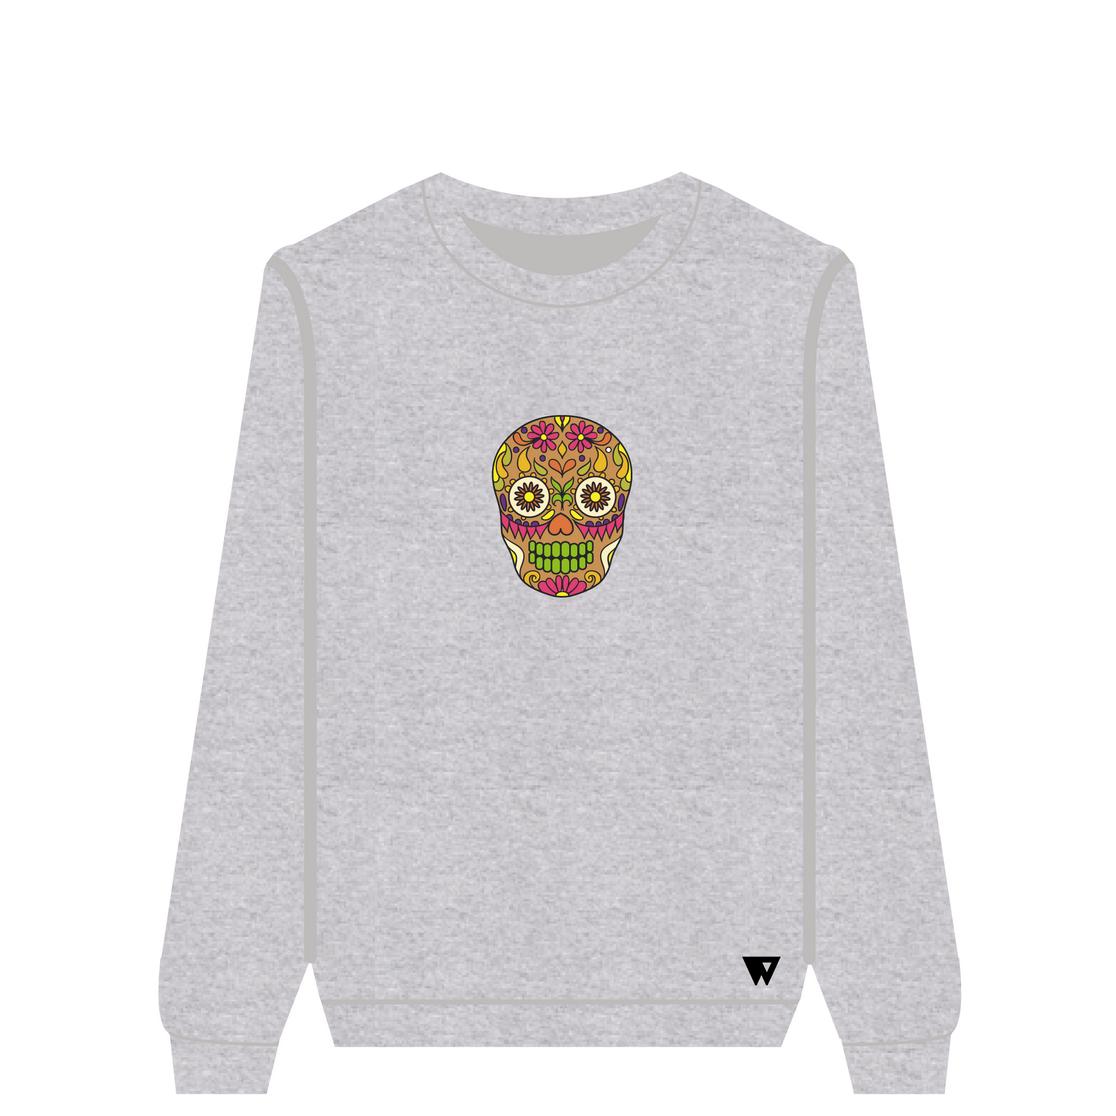 Sweatshirt Brown Skull | Wuzzee